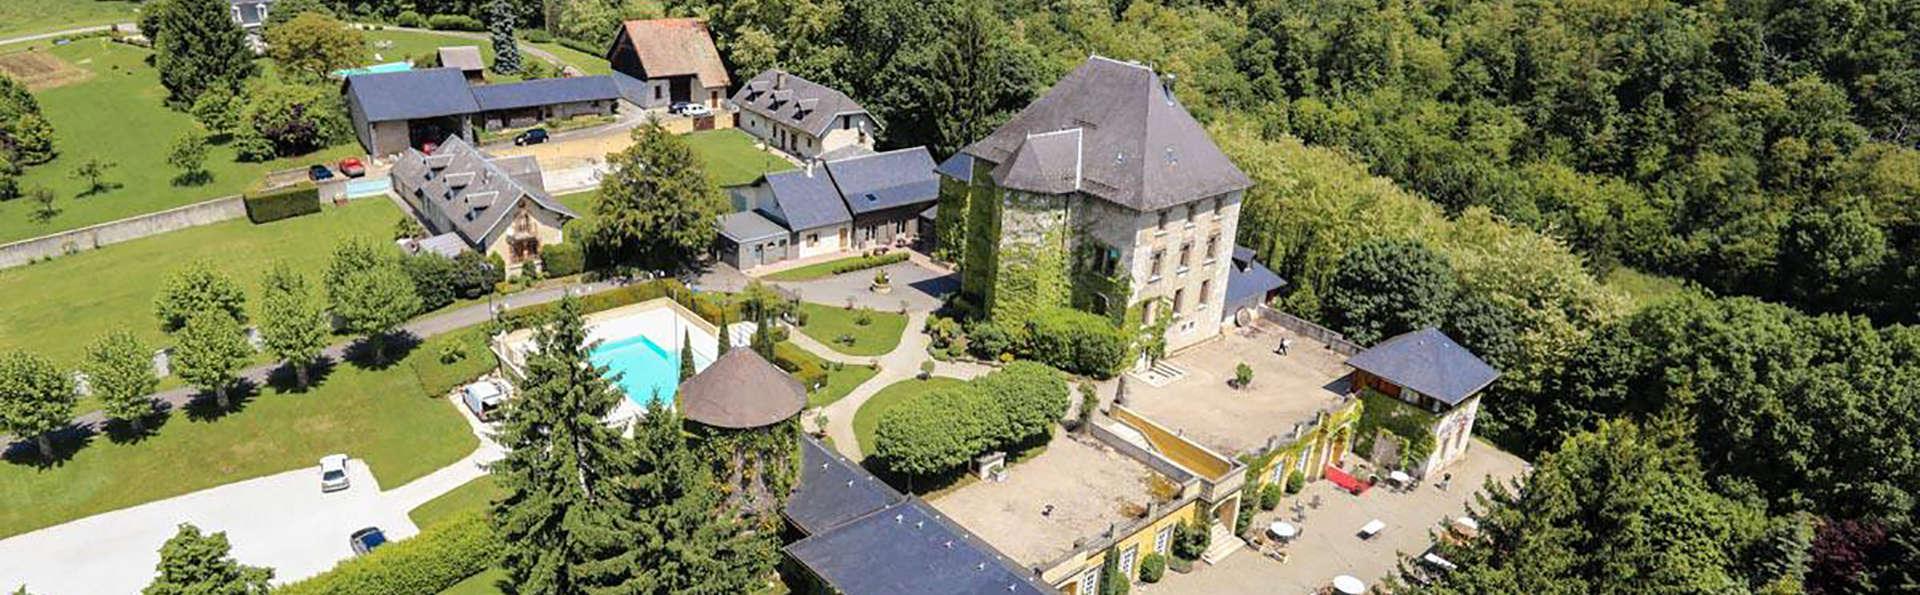 Château de Candie - EDIT_aerea.jpg